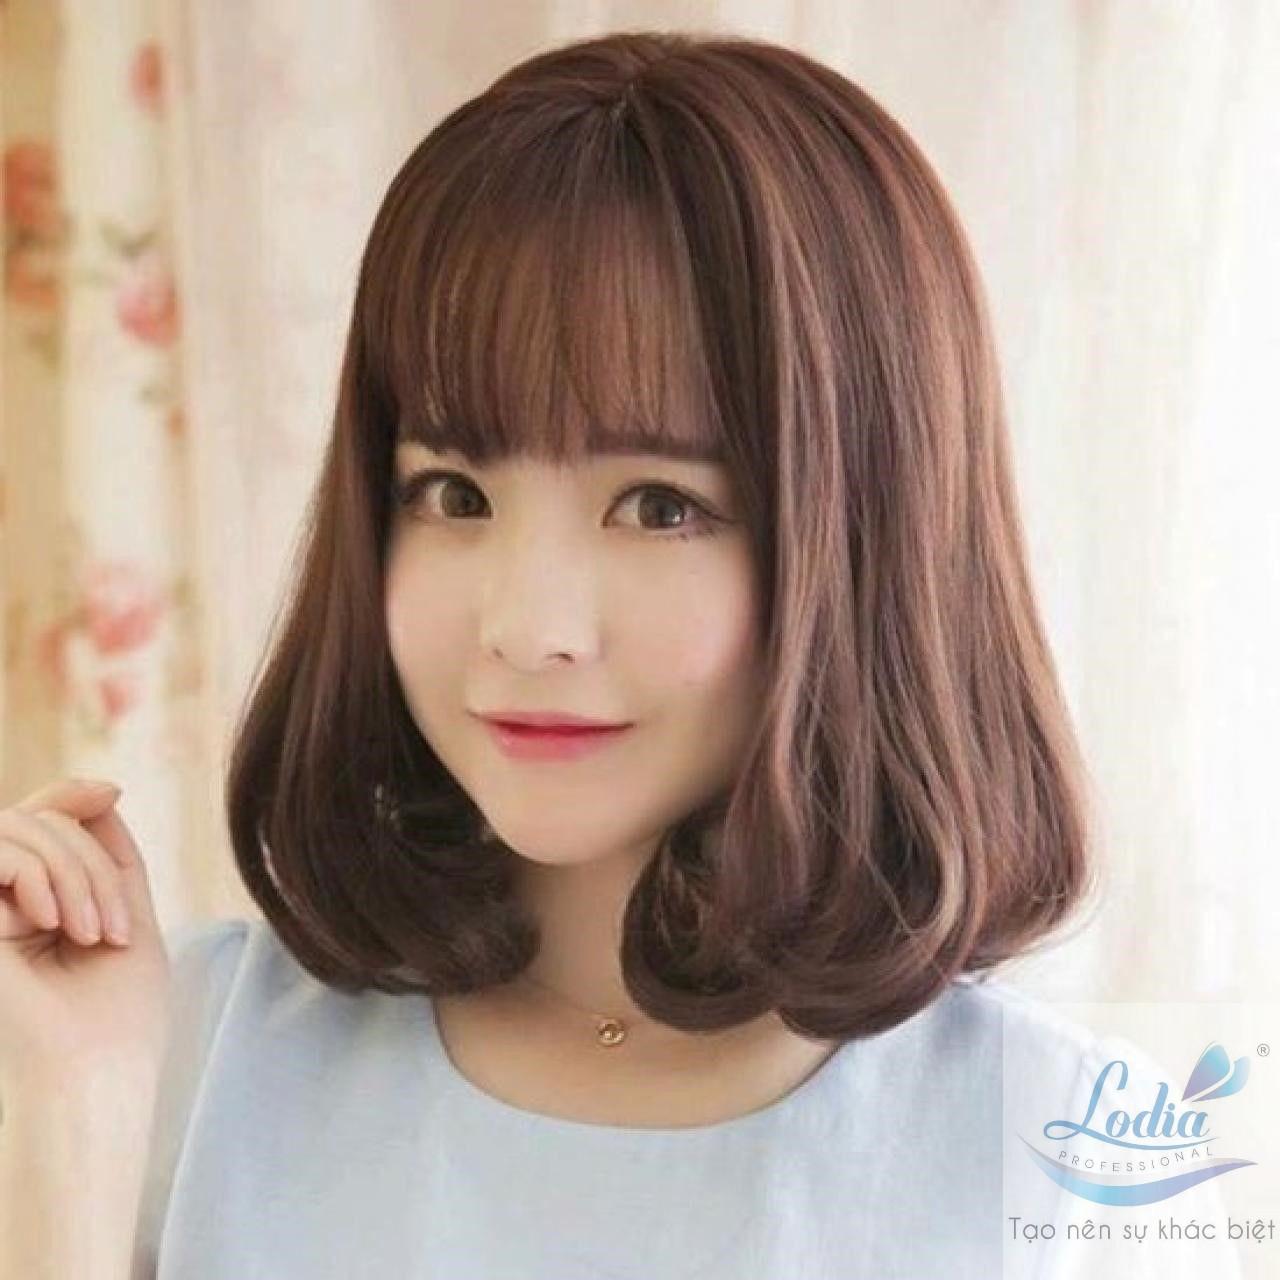 Kiểu tóc uốn xoăn nhẹ cho tóc ngắn